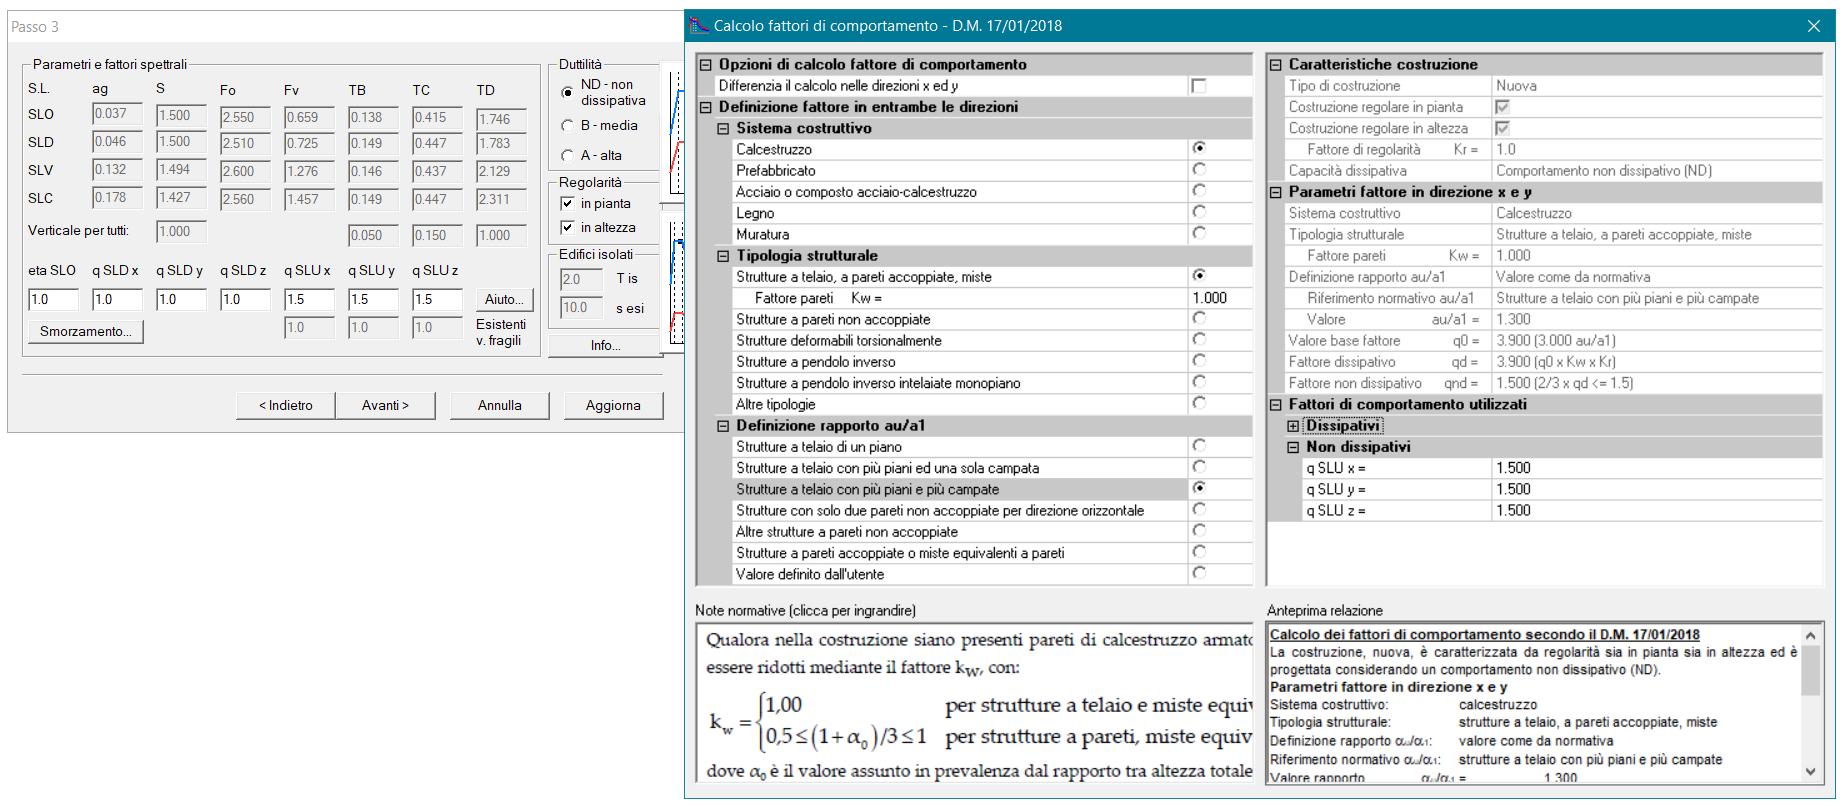 Figura 4 PRO_SAP calcolo fattore di comportamento